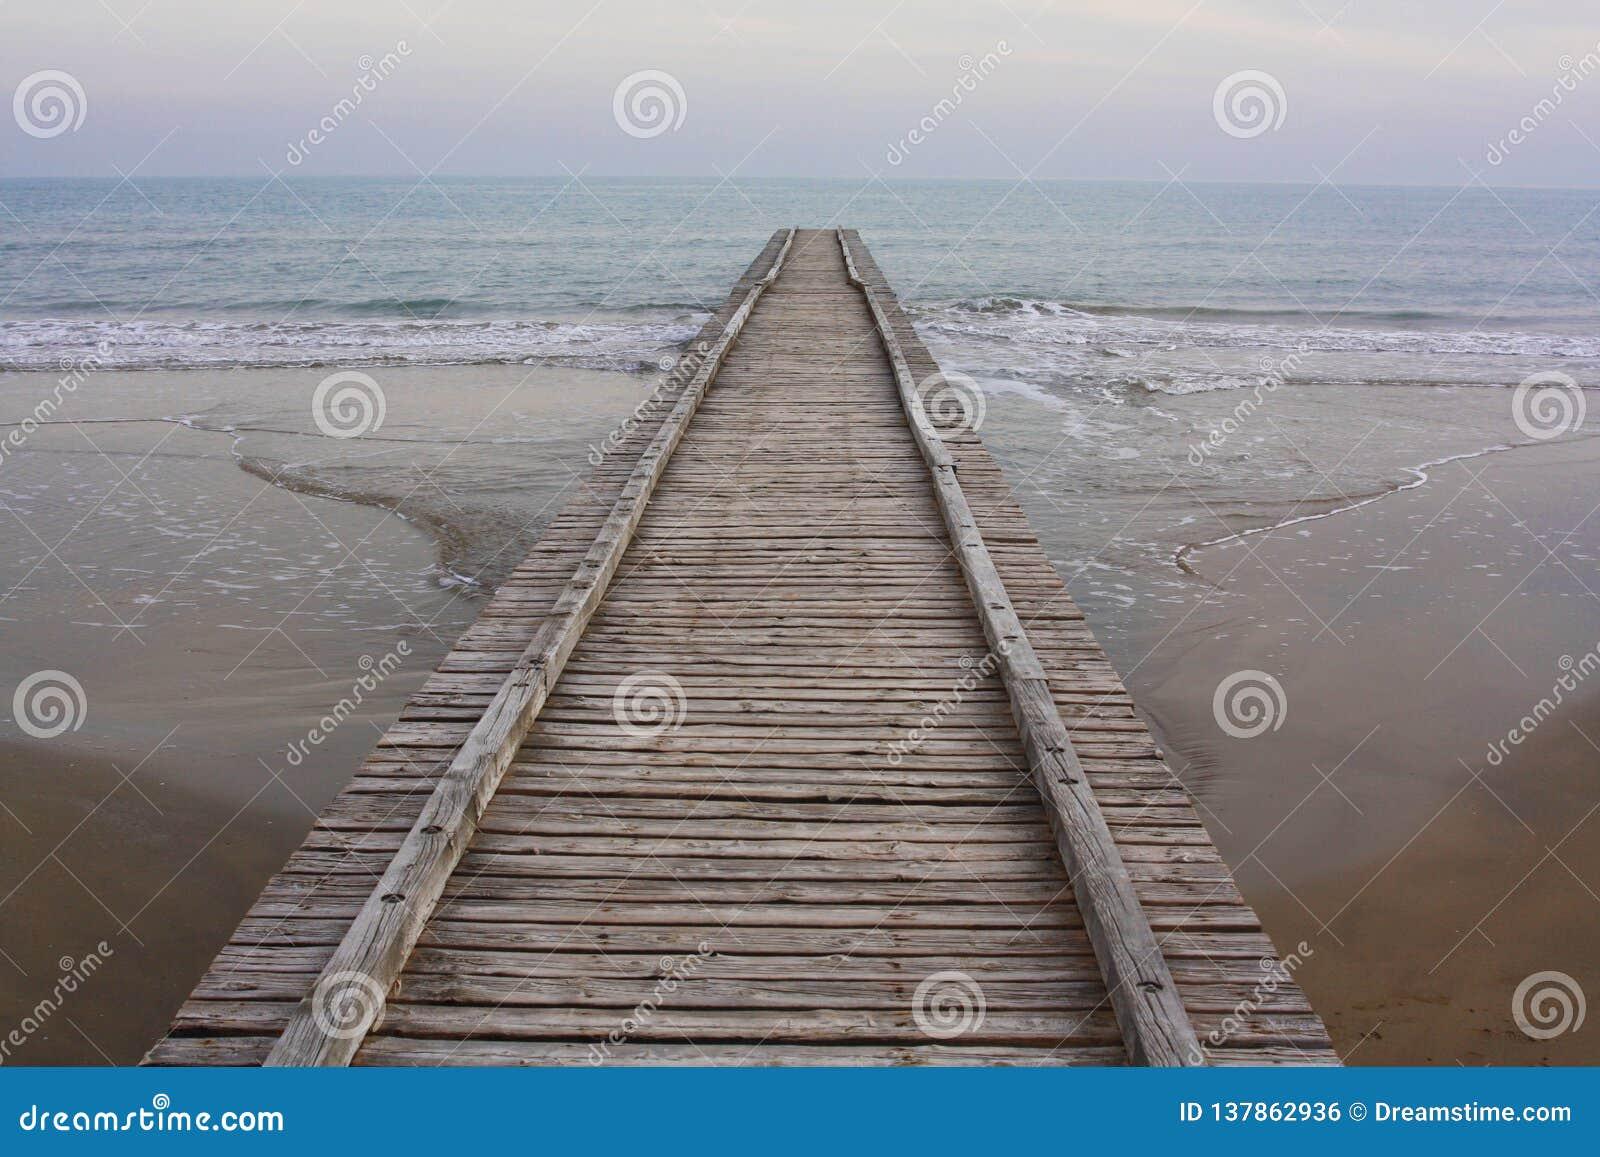 Long wooden boardwalk on the beach